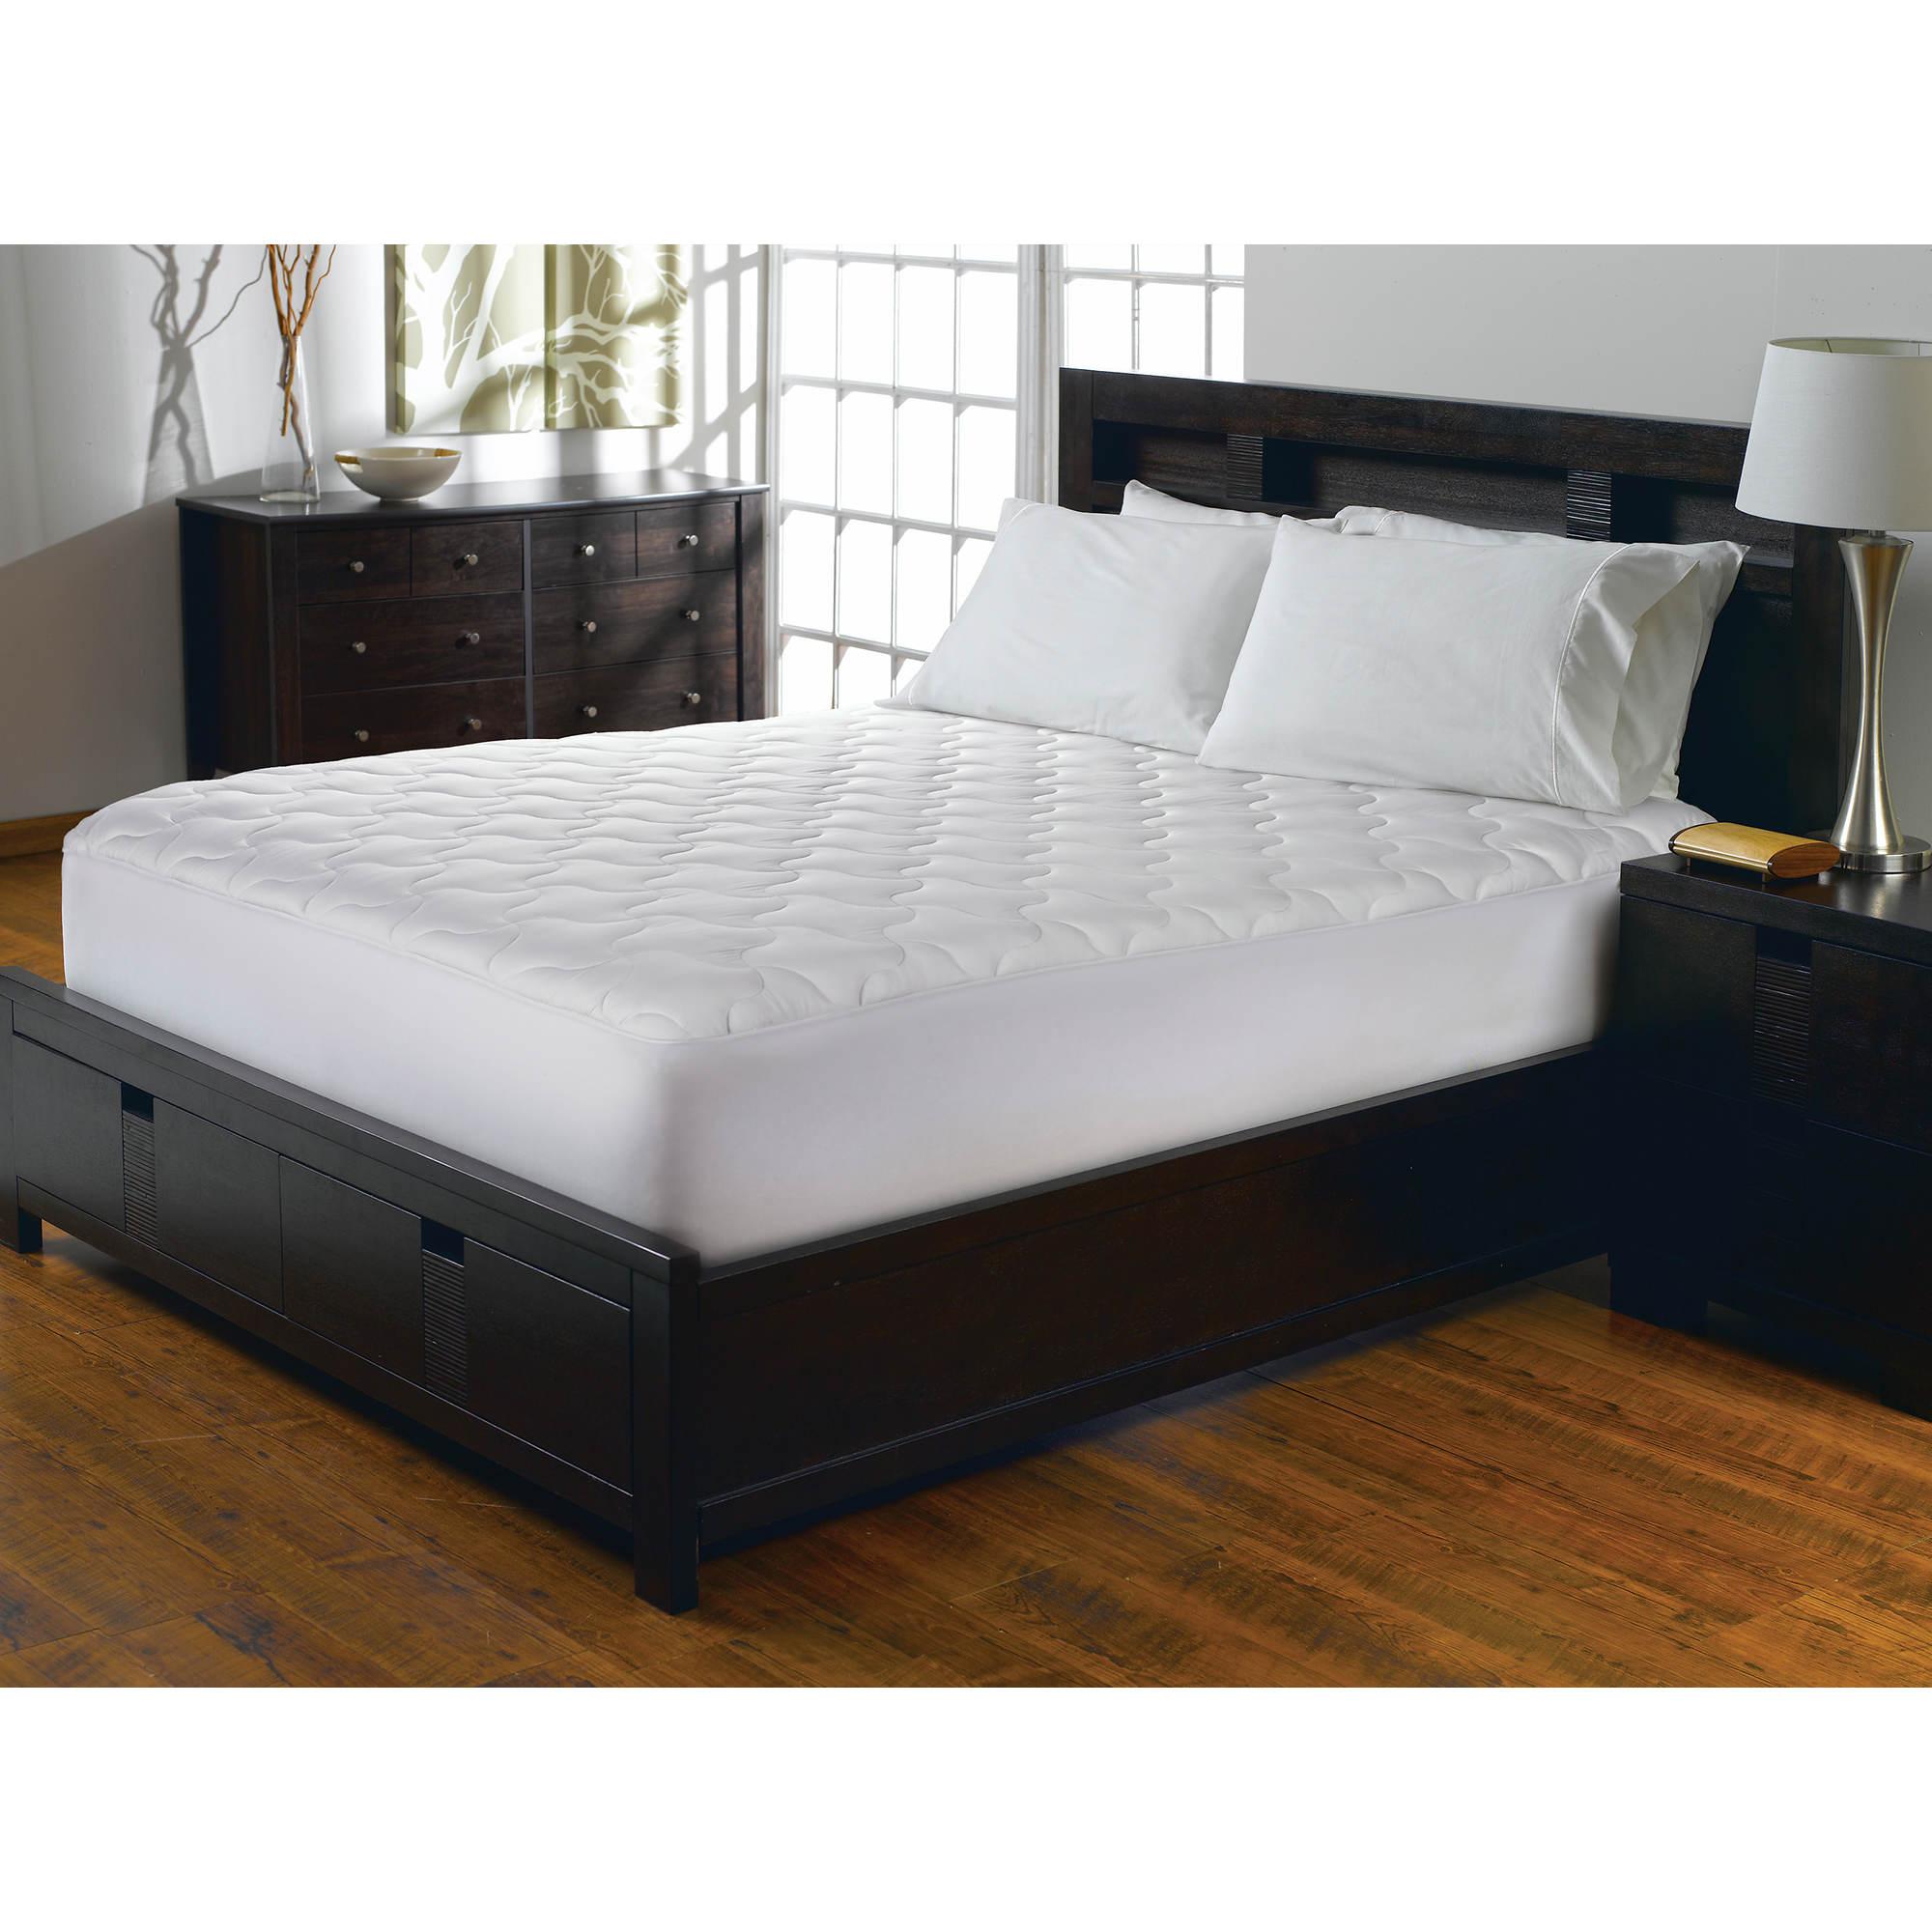 Berkely Jensen Extra Comfort 2 Quot Queen Mattress Pad Bjs